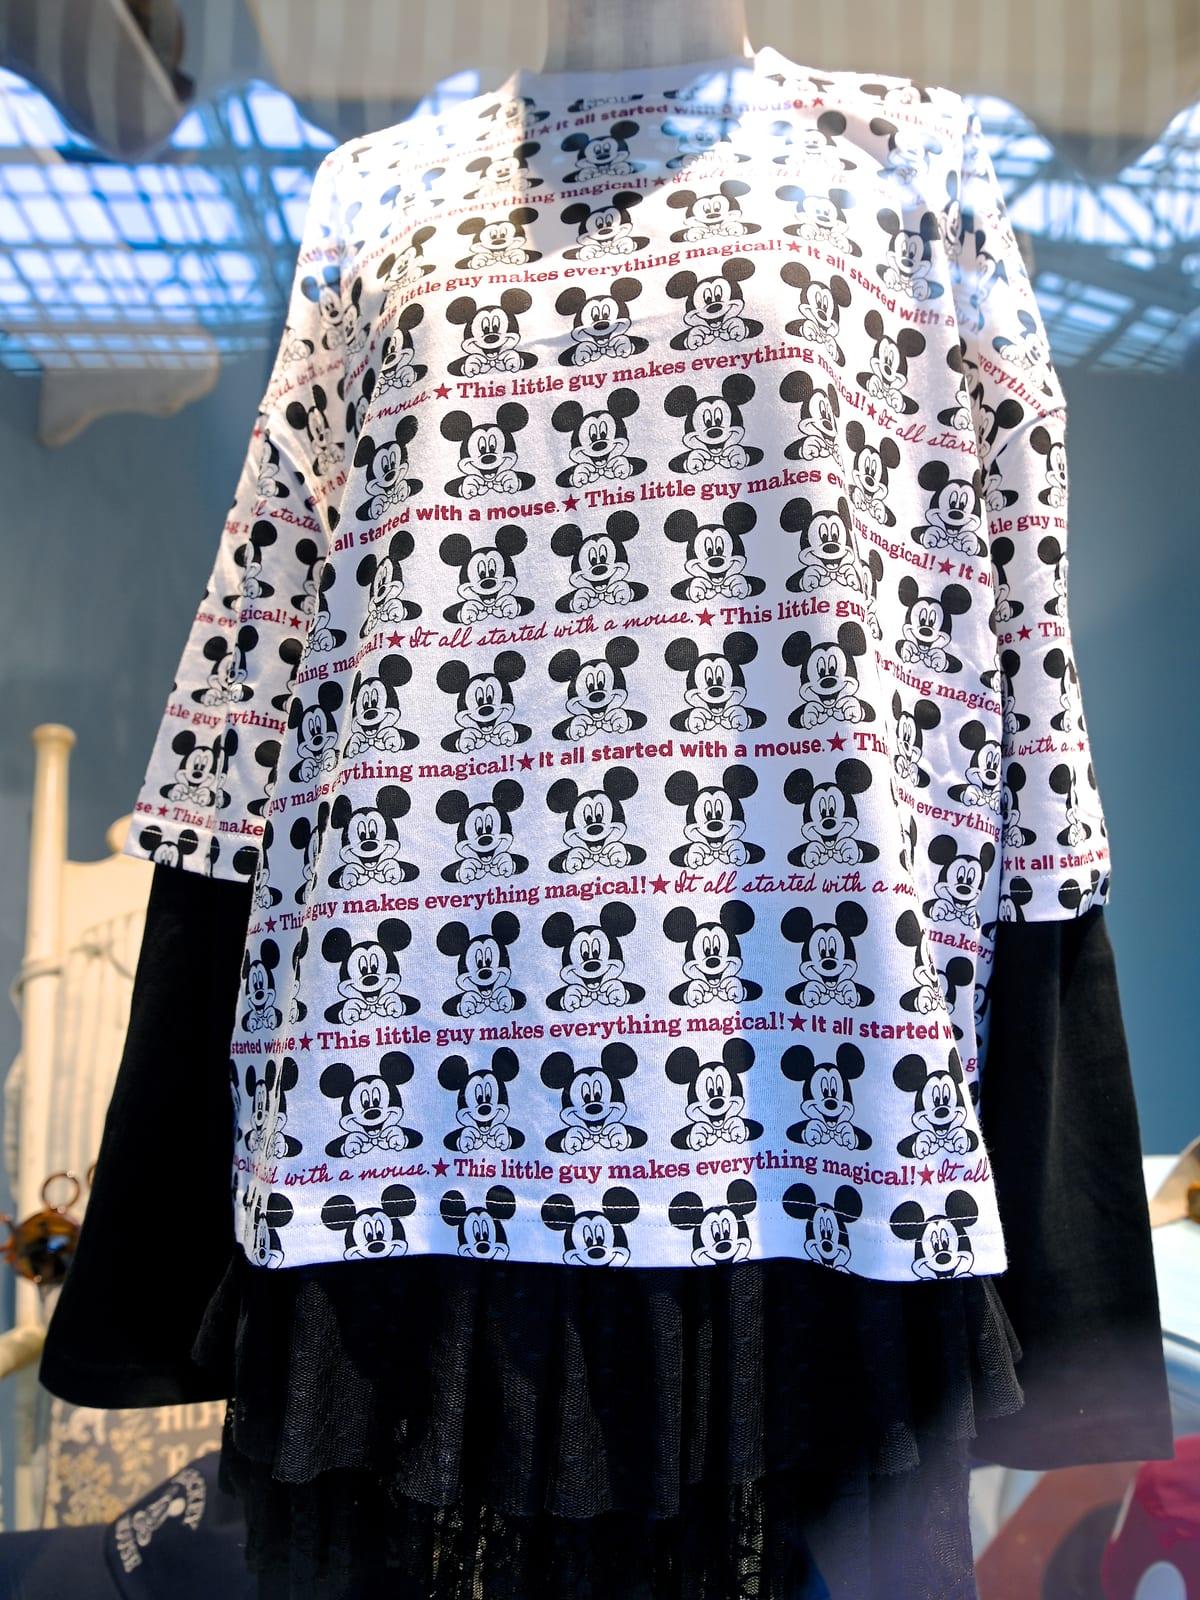 東京ディズニーランド「ミッキーマウス」長袖Tシャツ